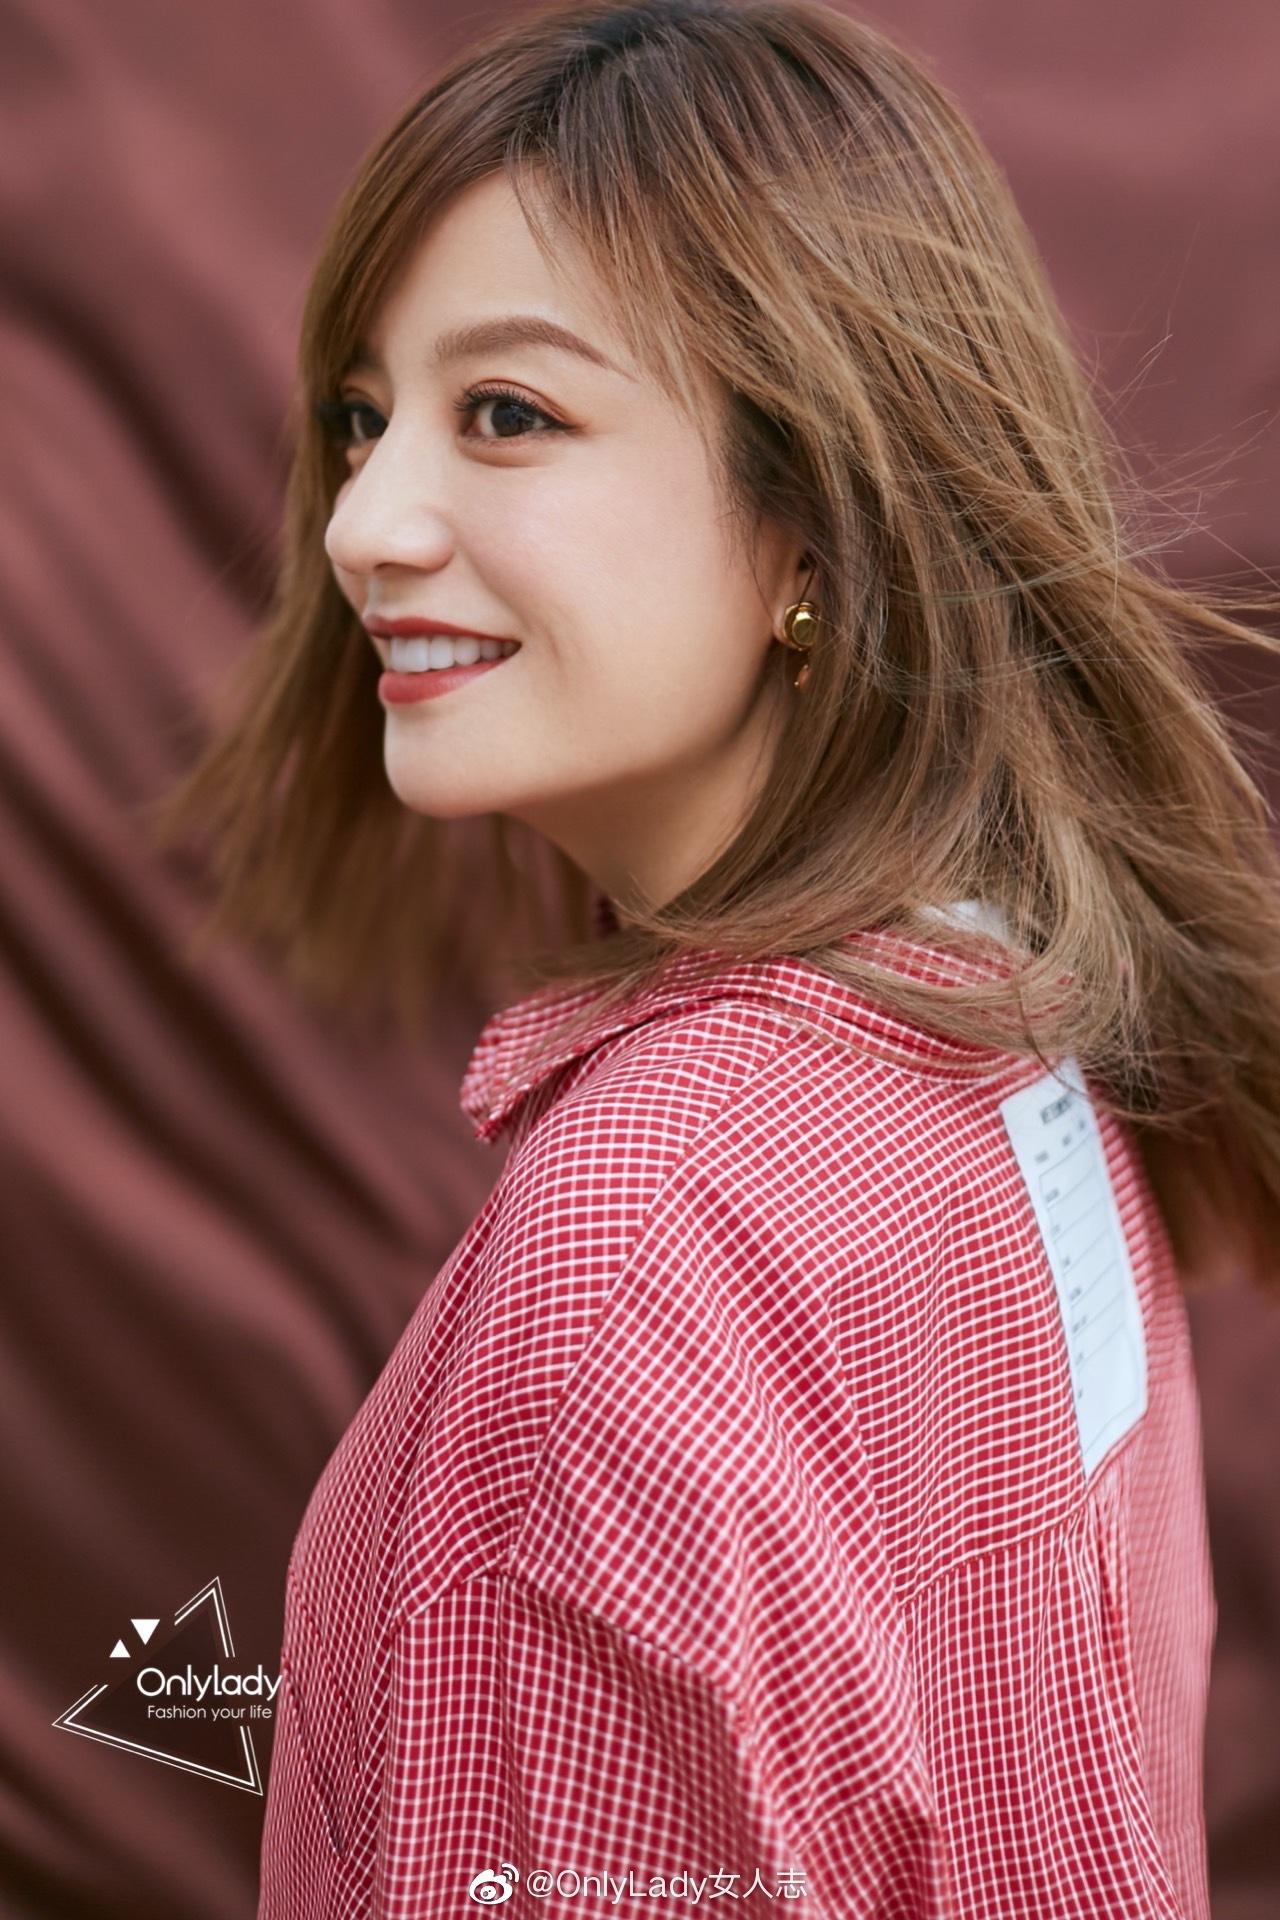 在新一期《演员请就位》 @赵薇 上身着粉色格纹衬衫内搭白色短袖